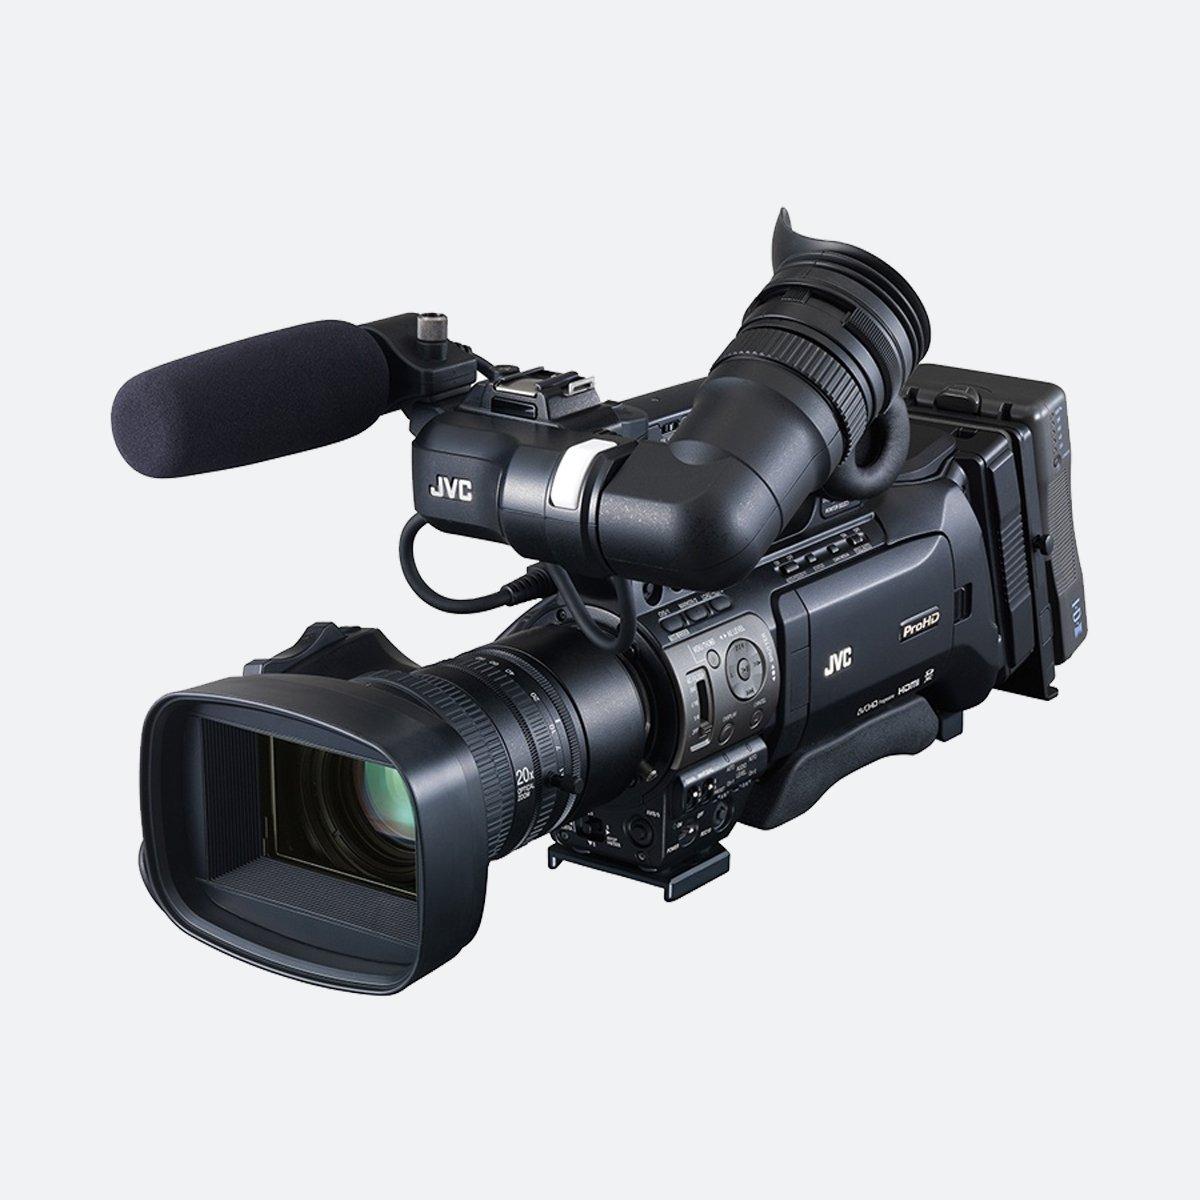 JVC GY-HM890 Full HD shoulder-mount ENG/studio camcorder